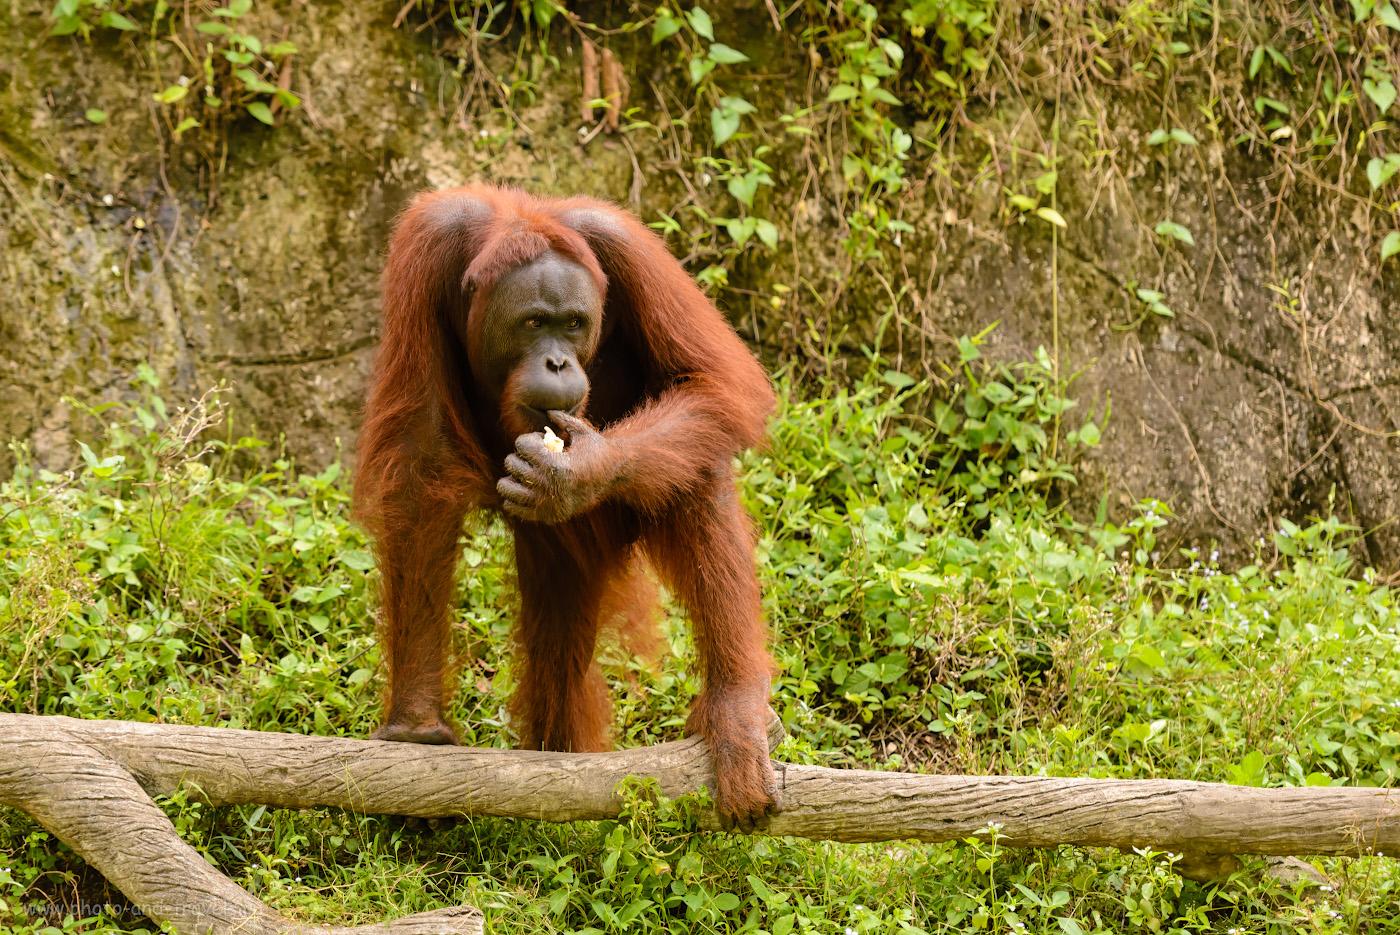 Фотография 29. Зачем ехать в Khao Kheow Open Zoo? Да, чтобы полюбоваться красавцами-орангутангами хотя бы. Отчет об отдыхе в Таиланде в четвертый раз. 1/500, 2.8, 800, 145.